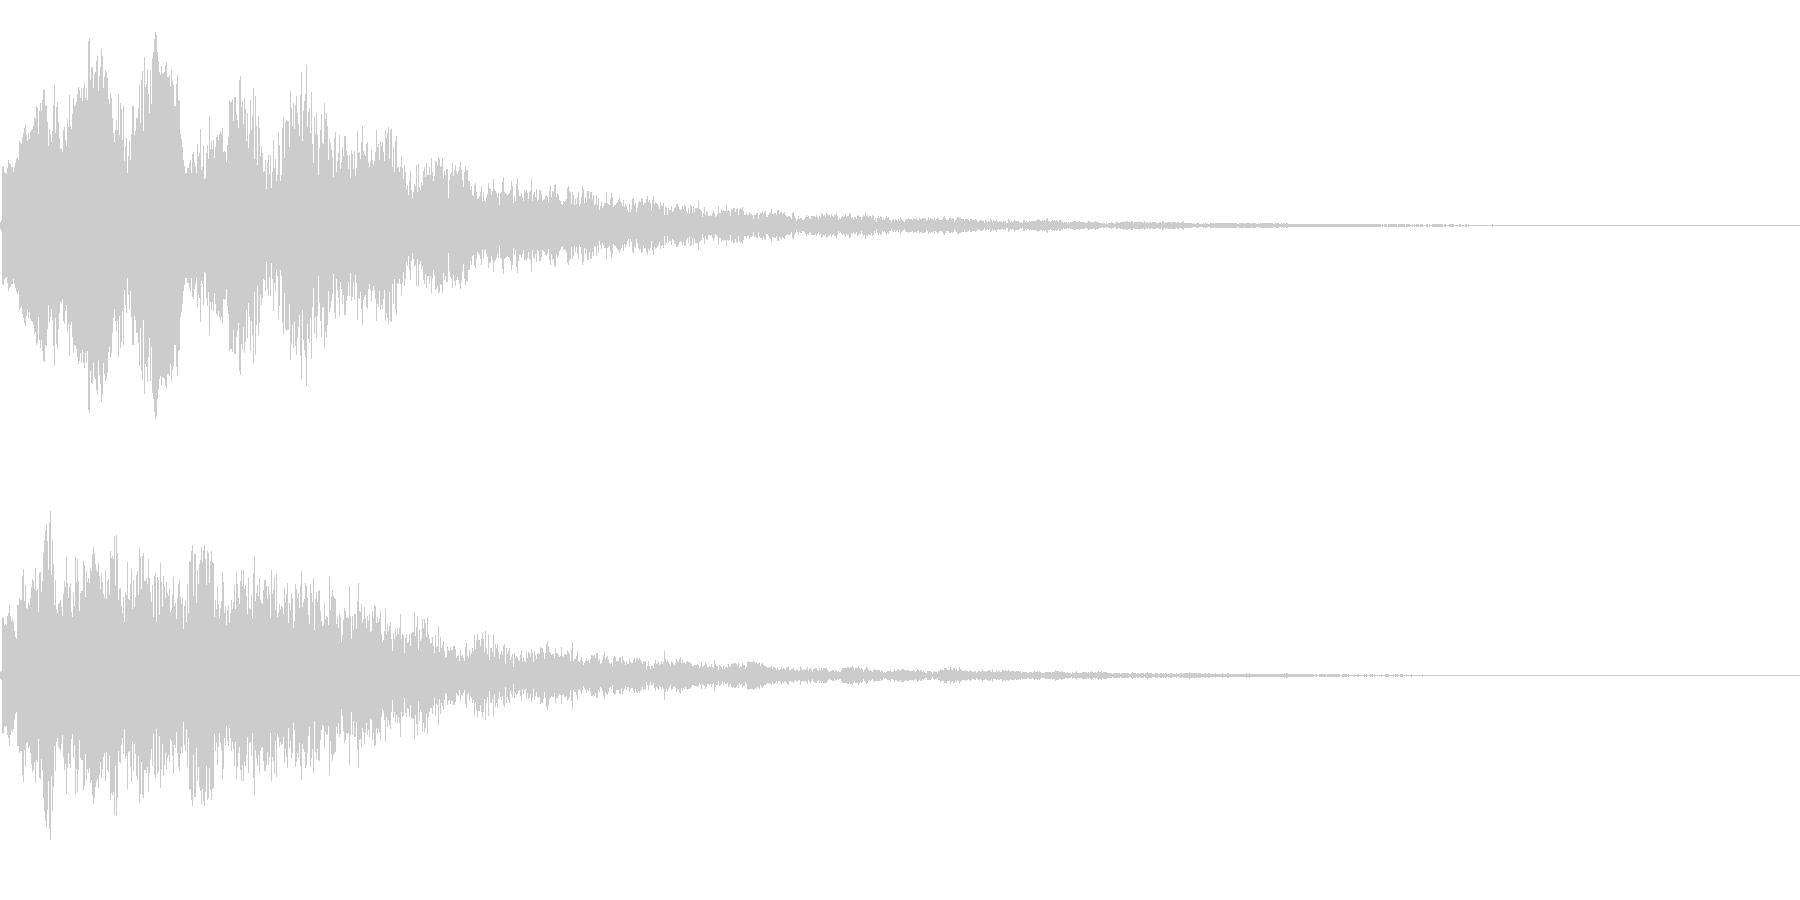 キラーン(星、光、魔法、テロップ等)3cの未再生の波形